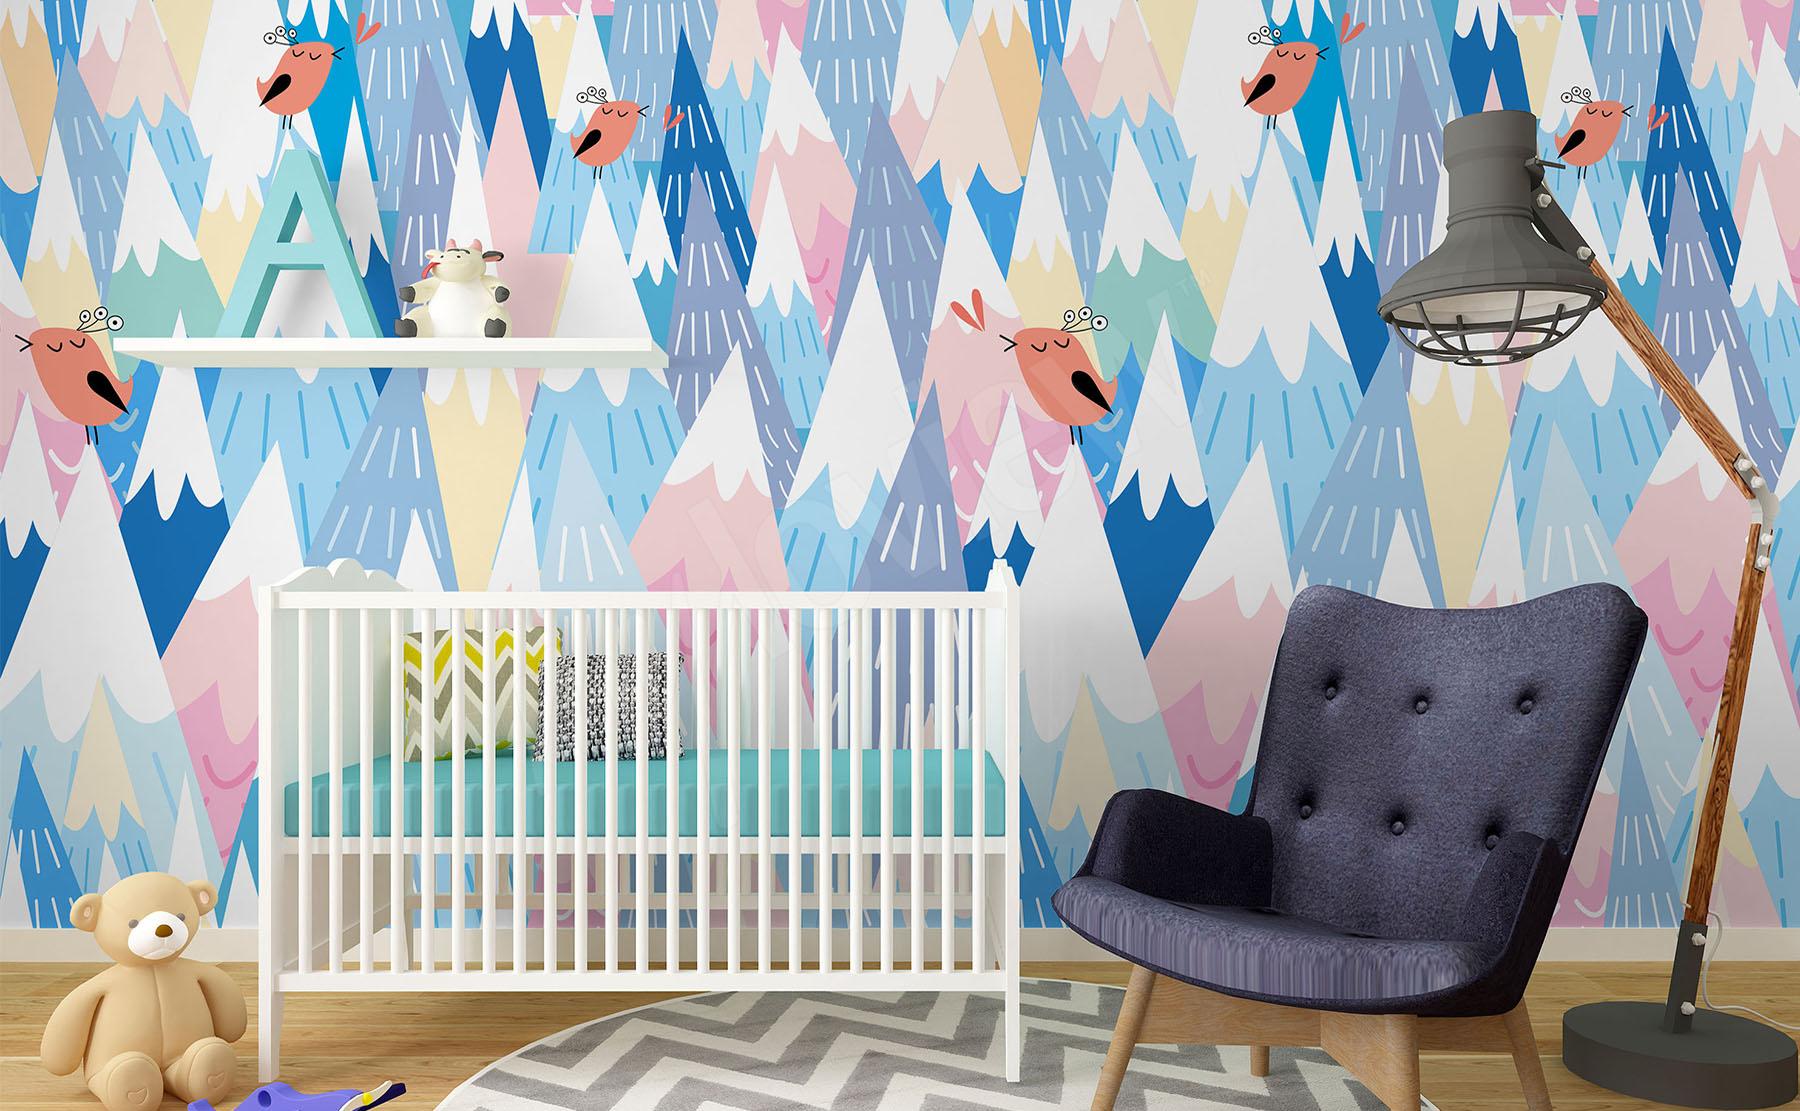 e91d499f6af078 Przejdź do produktu · Fototapeta do pokoju dziecięcego pastele